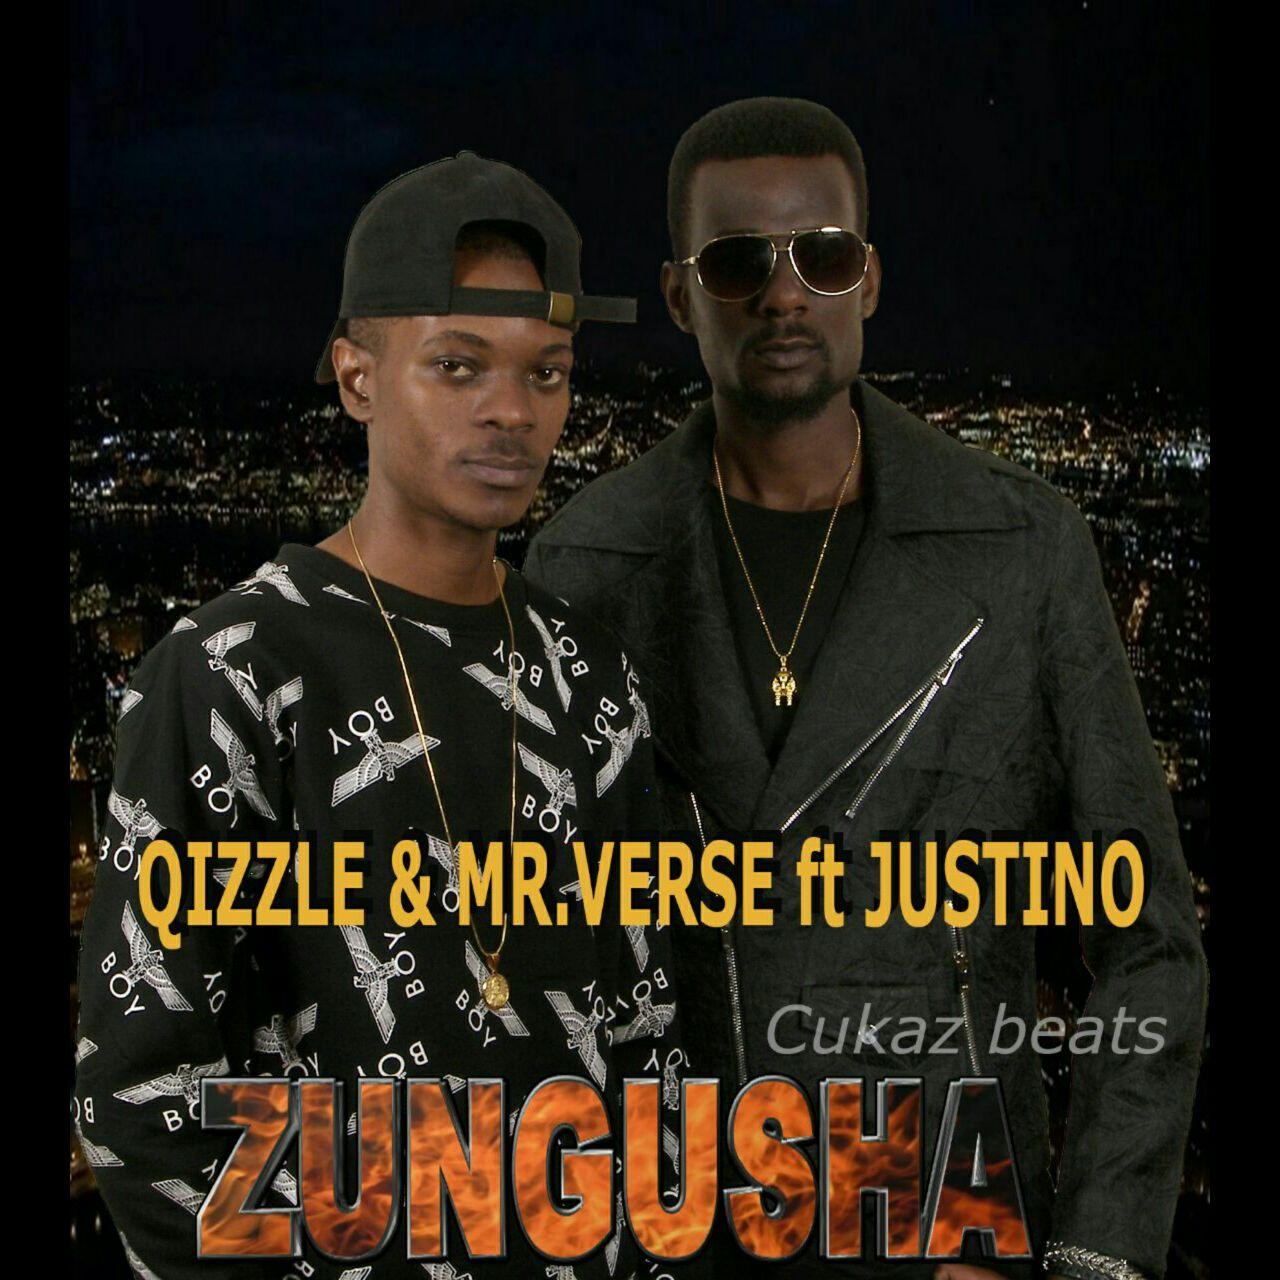 Qizzle - Designer